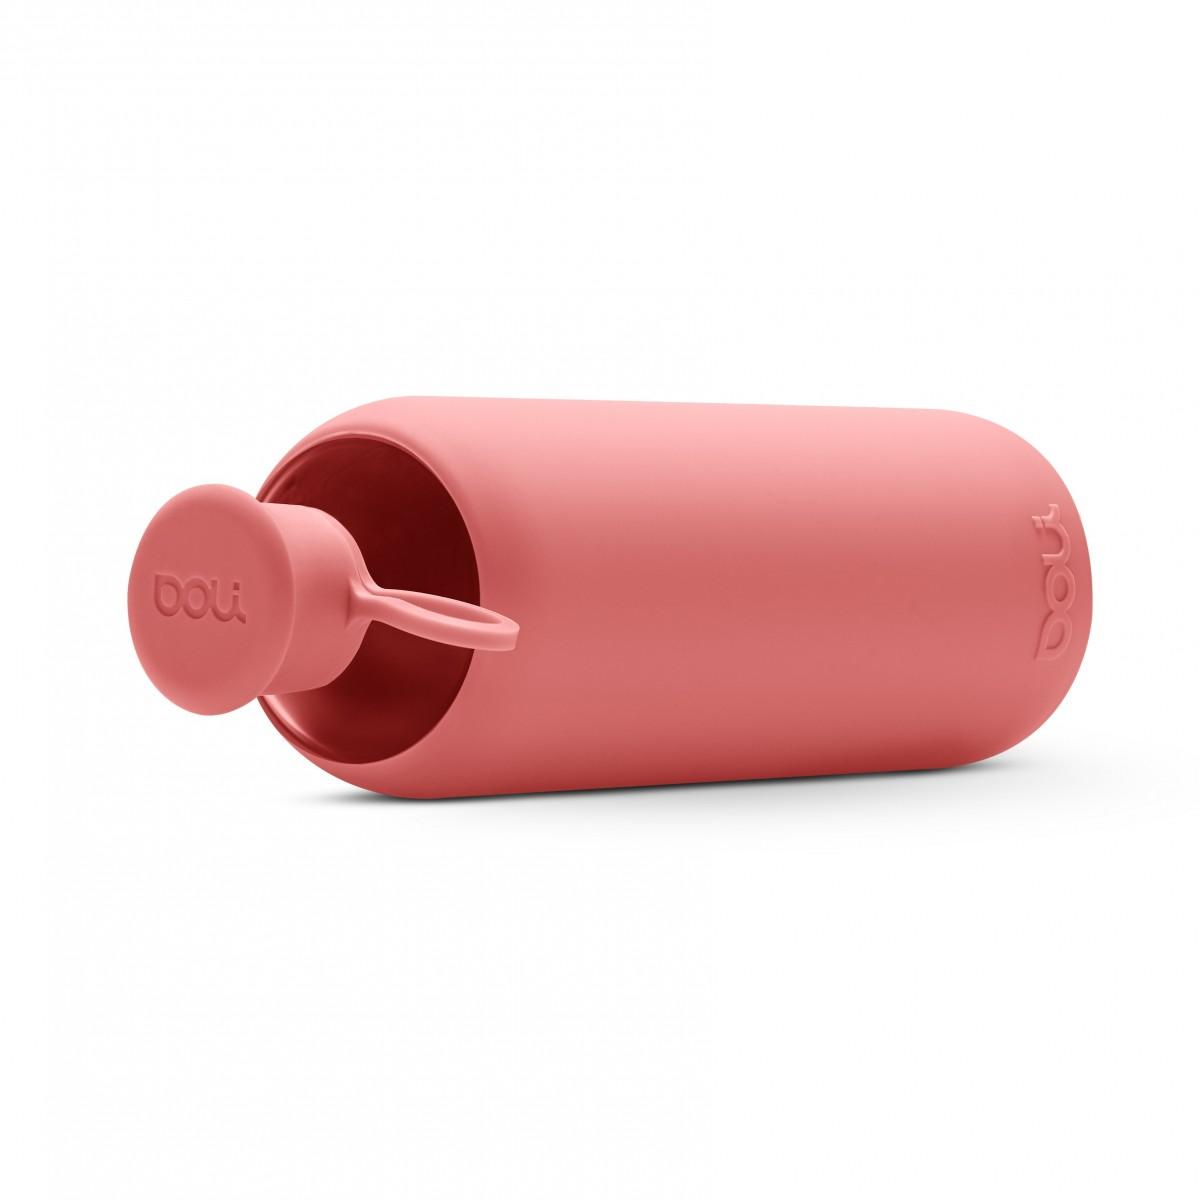 Doli - Rose Trinkflasche aus Glas 550ml